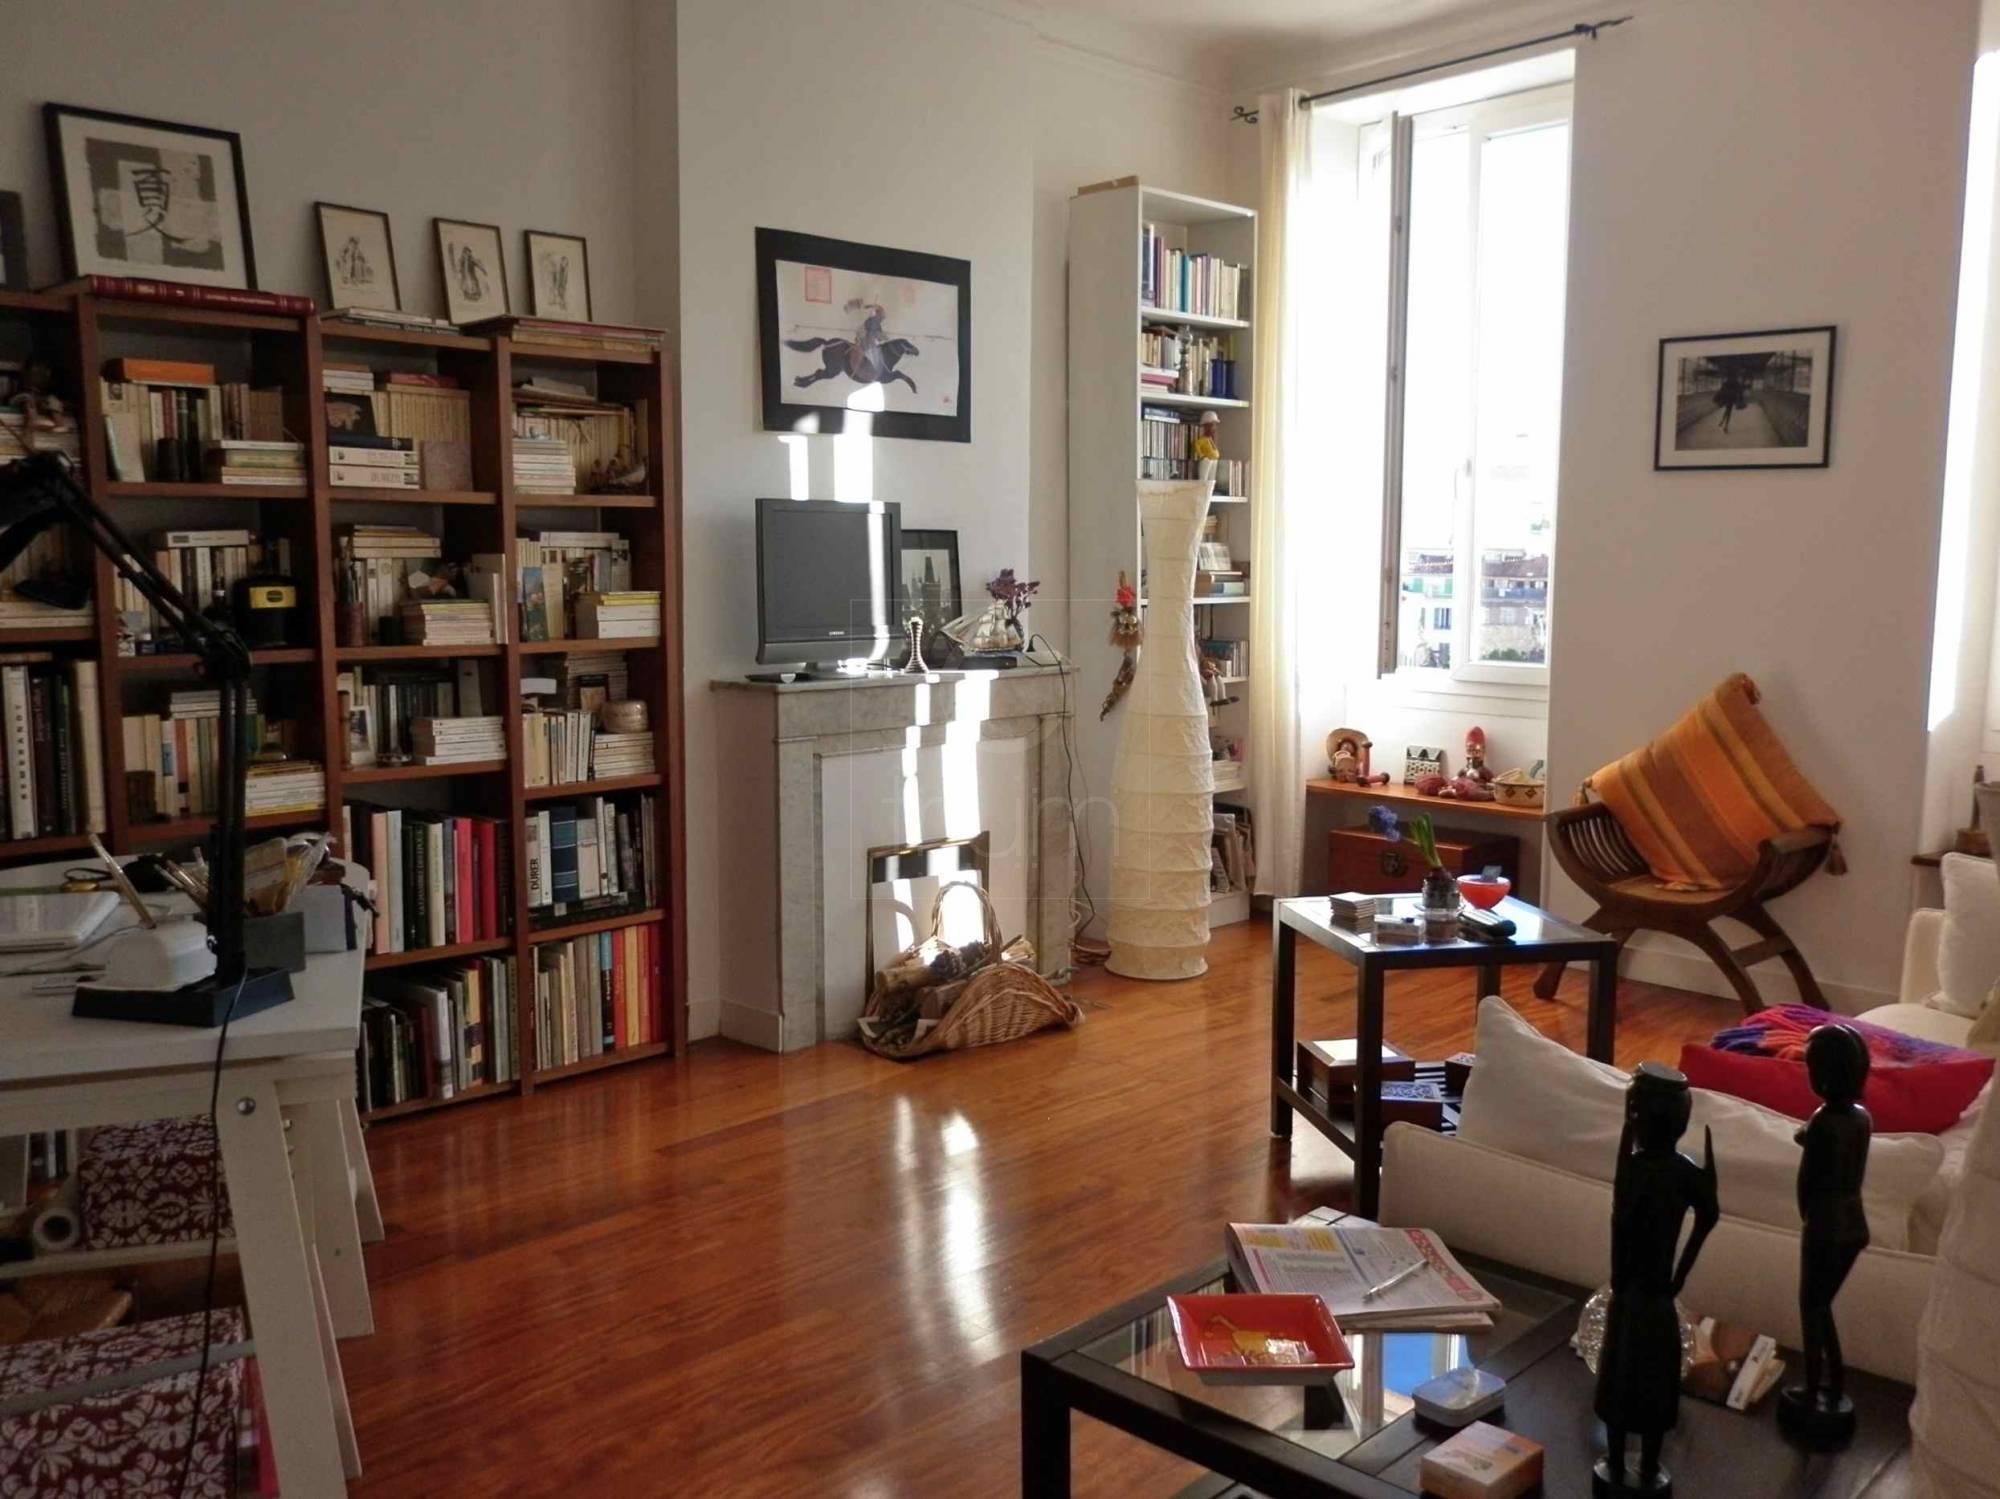 Notre location appartement reims est petit prix for Location appartement meuble reims